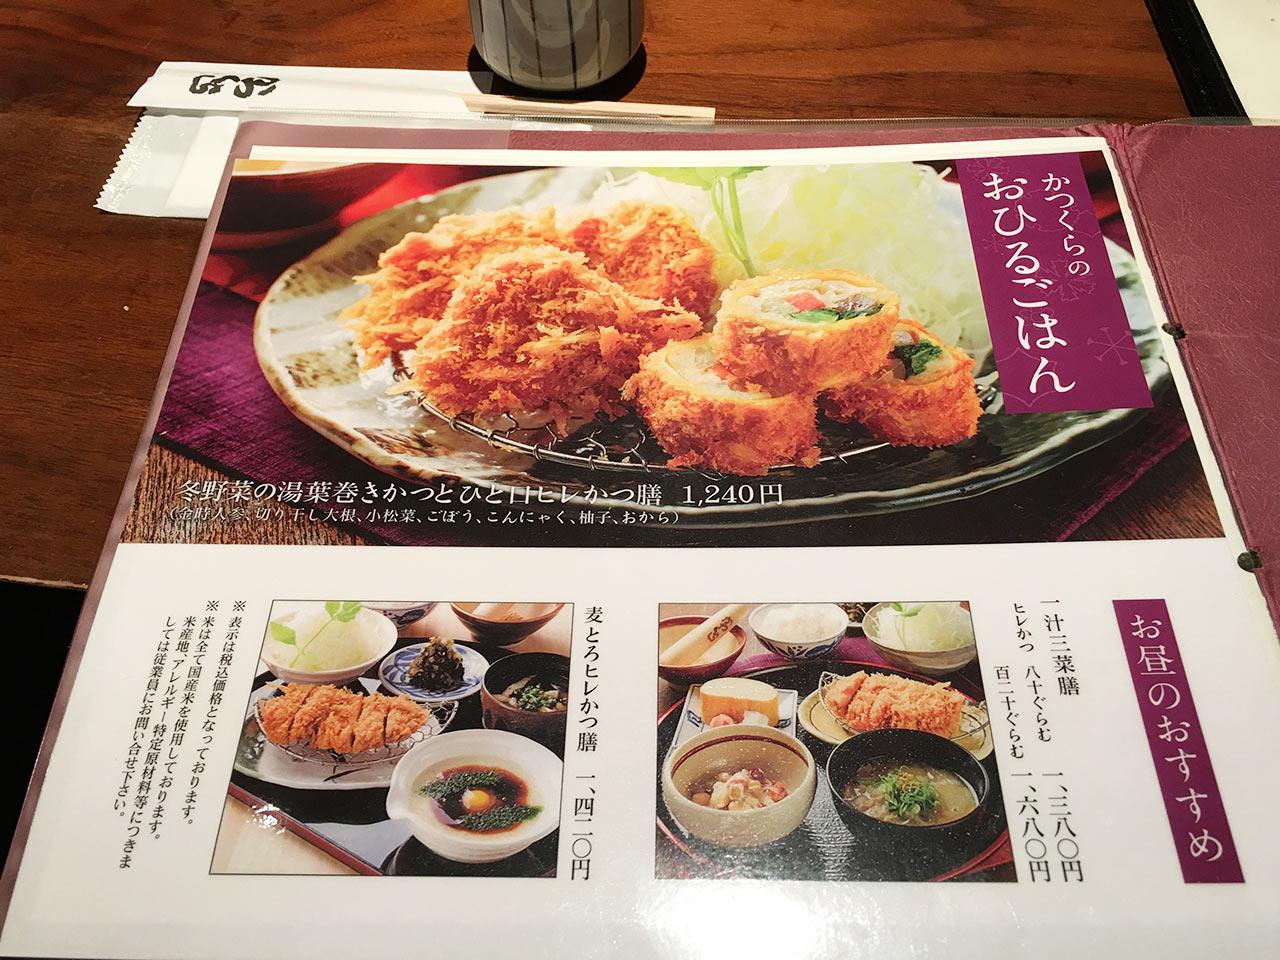 katsukura-ichijusansai-menu